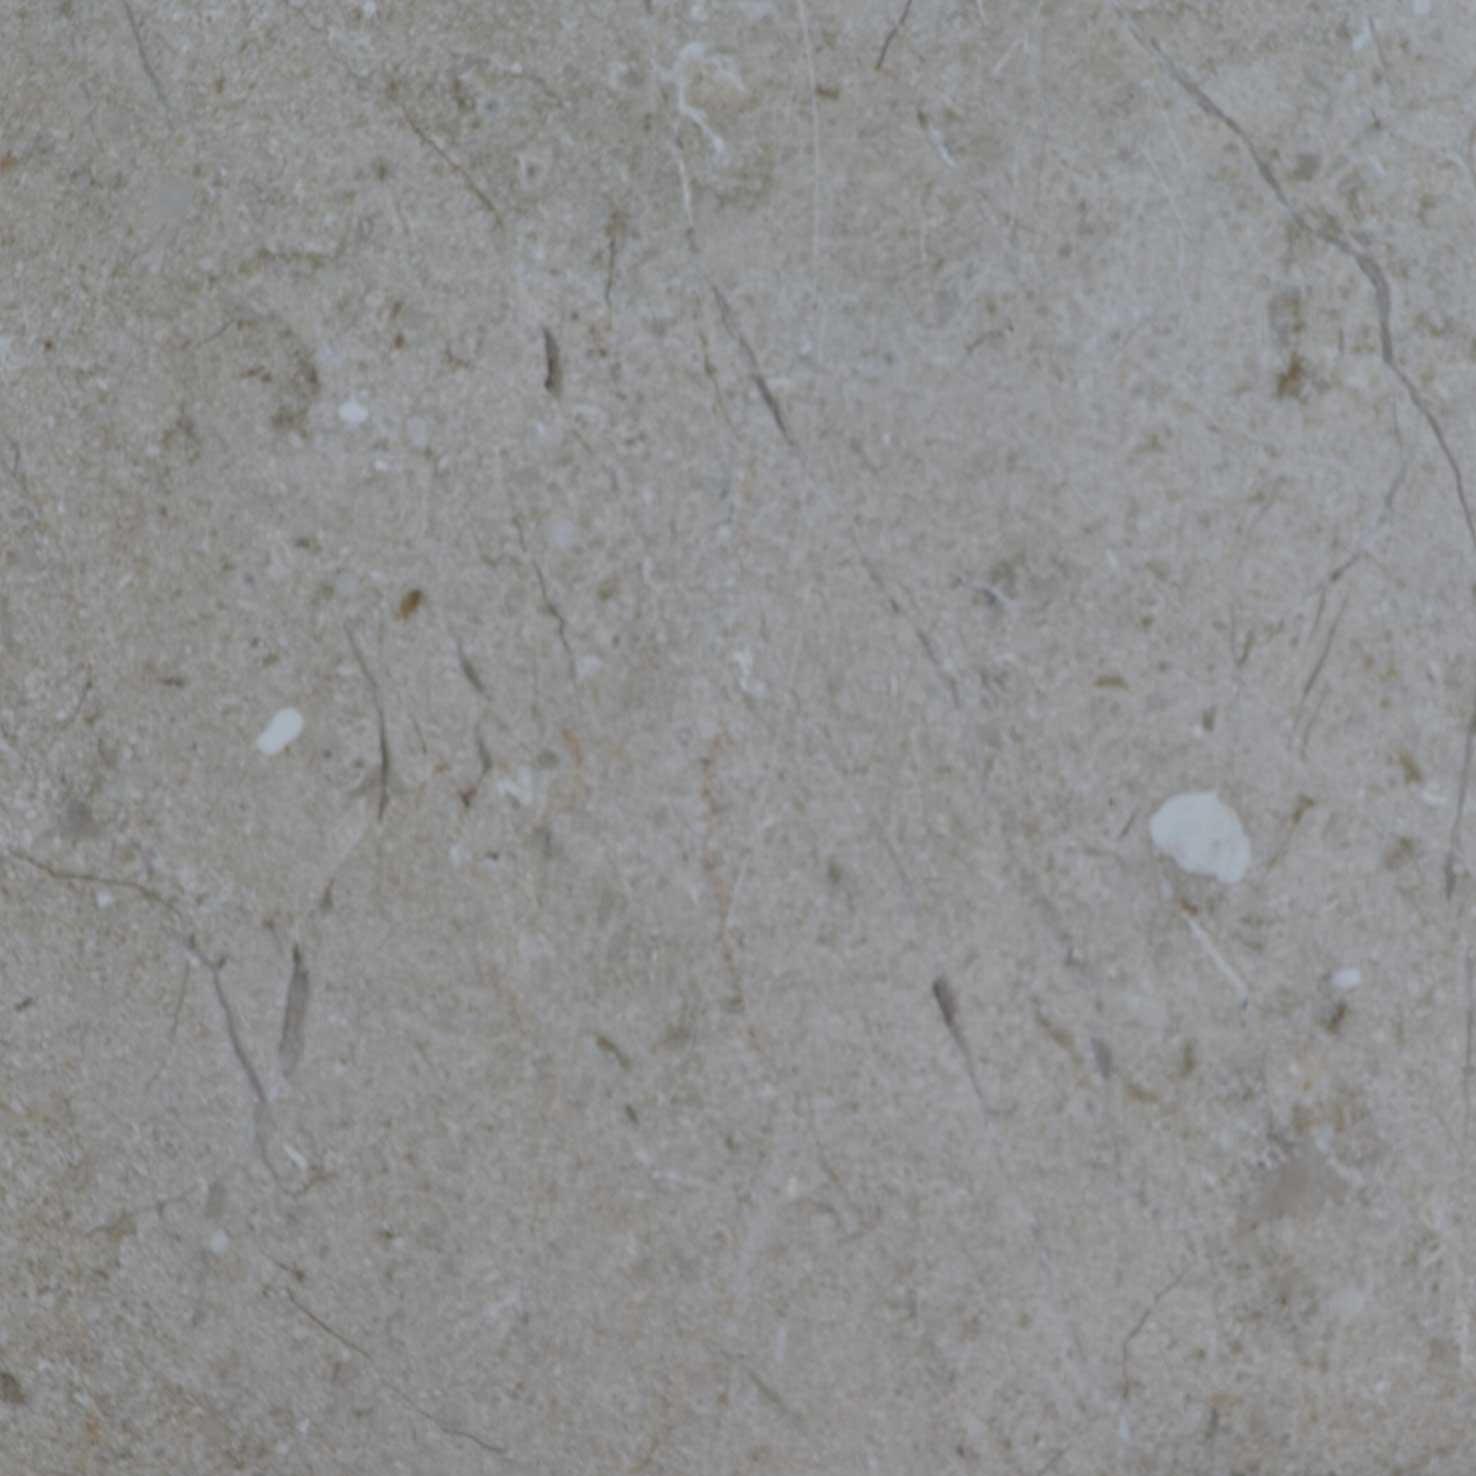 Crema marfil clasico marmoles venezianos for Definicion de marmol